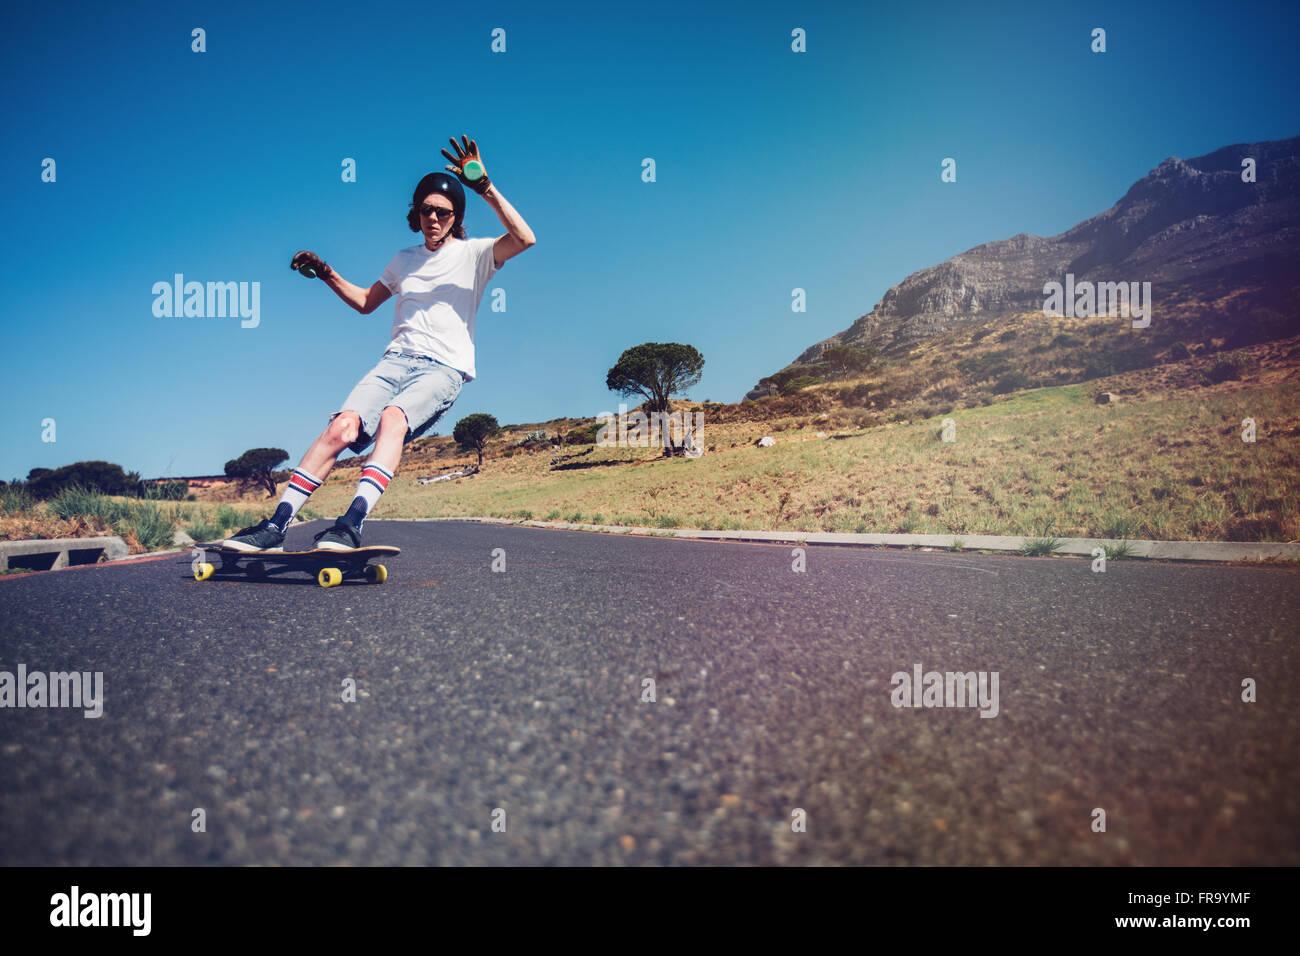 Joven longboarding en una carretera. Joven vistiendo ropa protectora patinando sobre los caminos rurales. Imagen De Stock